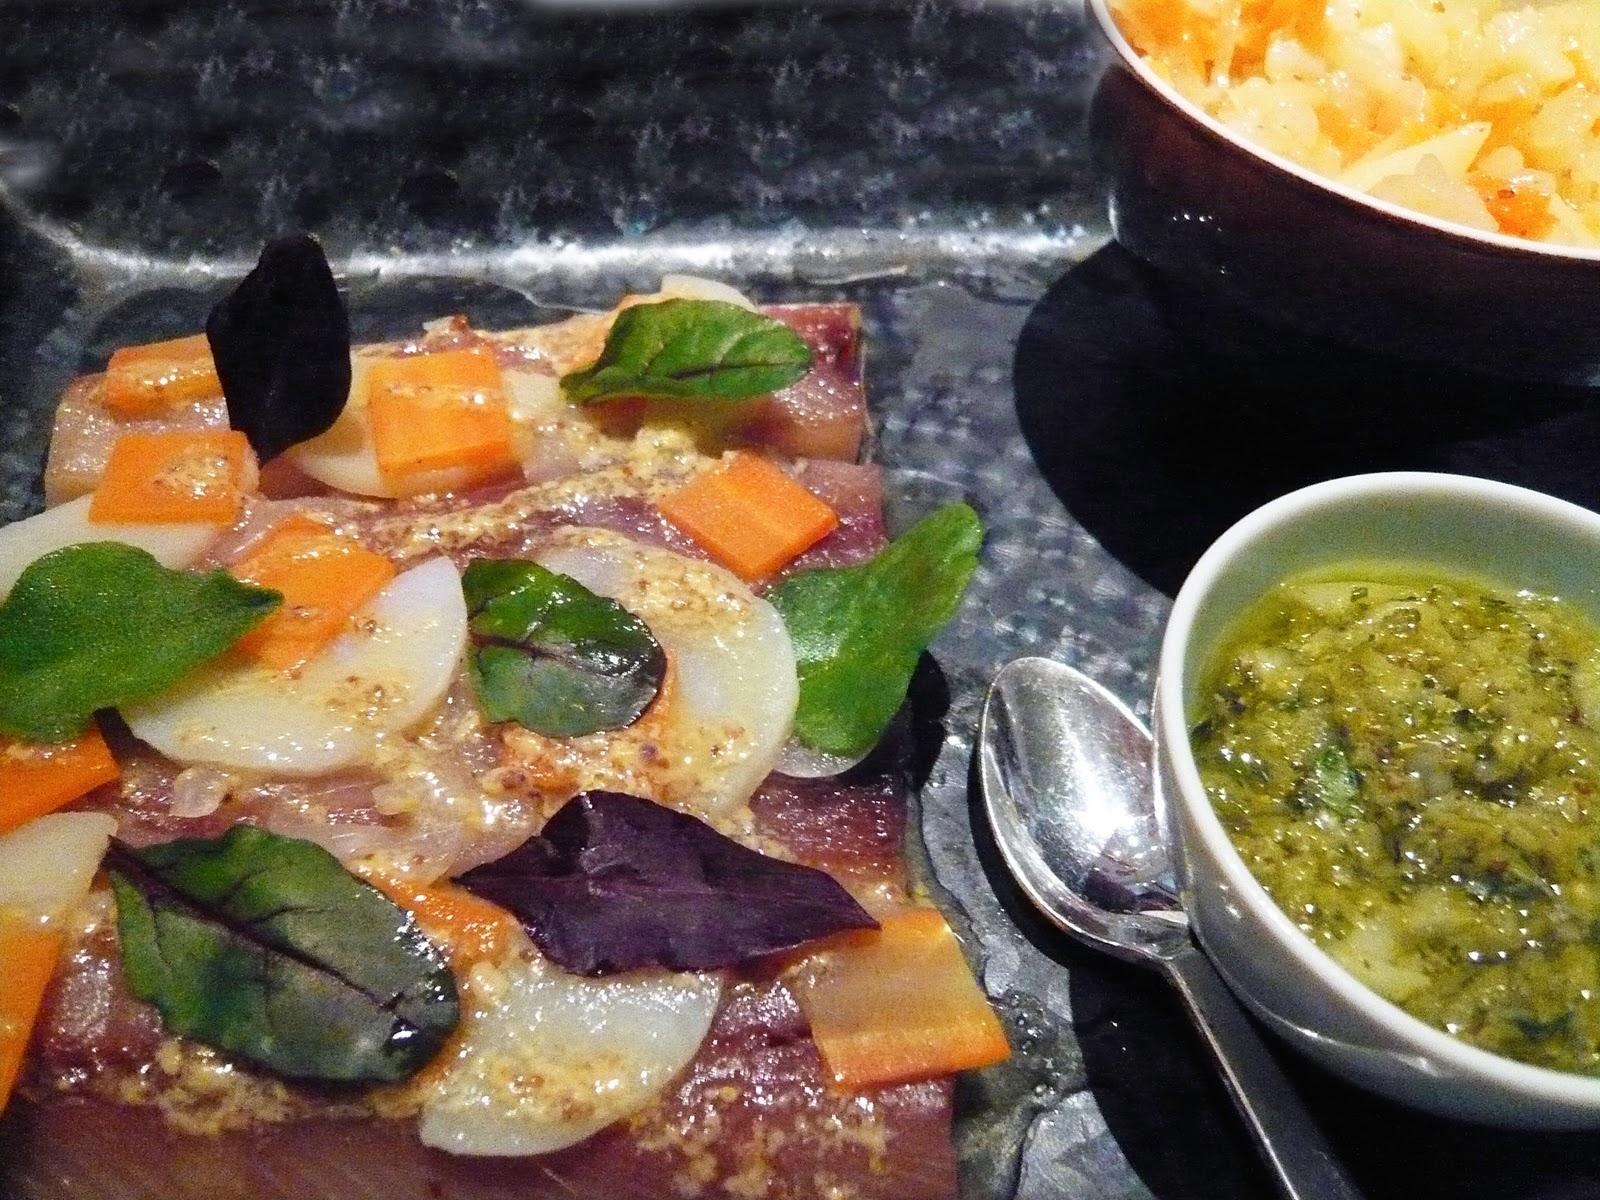 Food intelligence connaissez vous la cuisine du royal - Royal monceau la cuisine ...